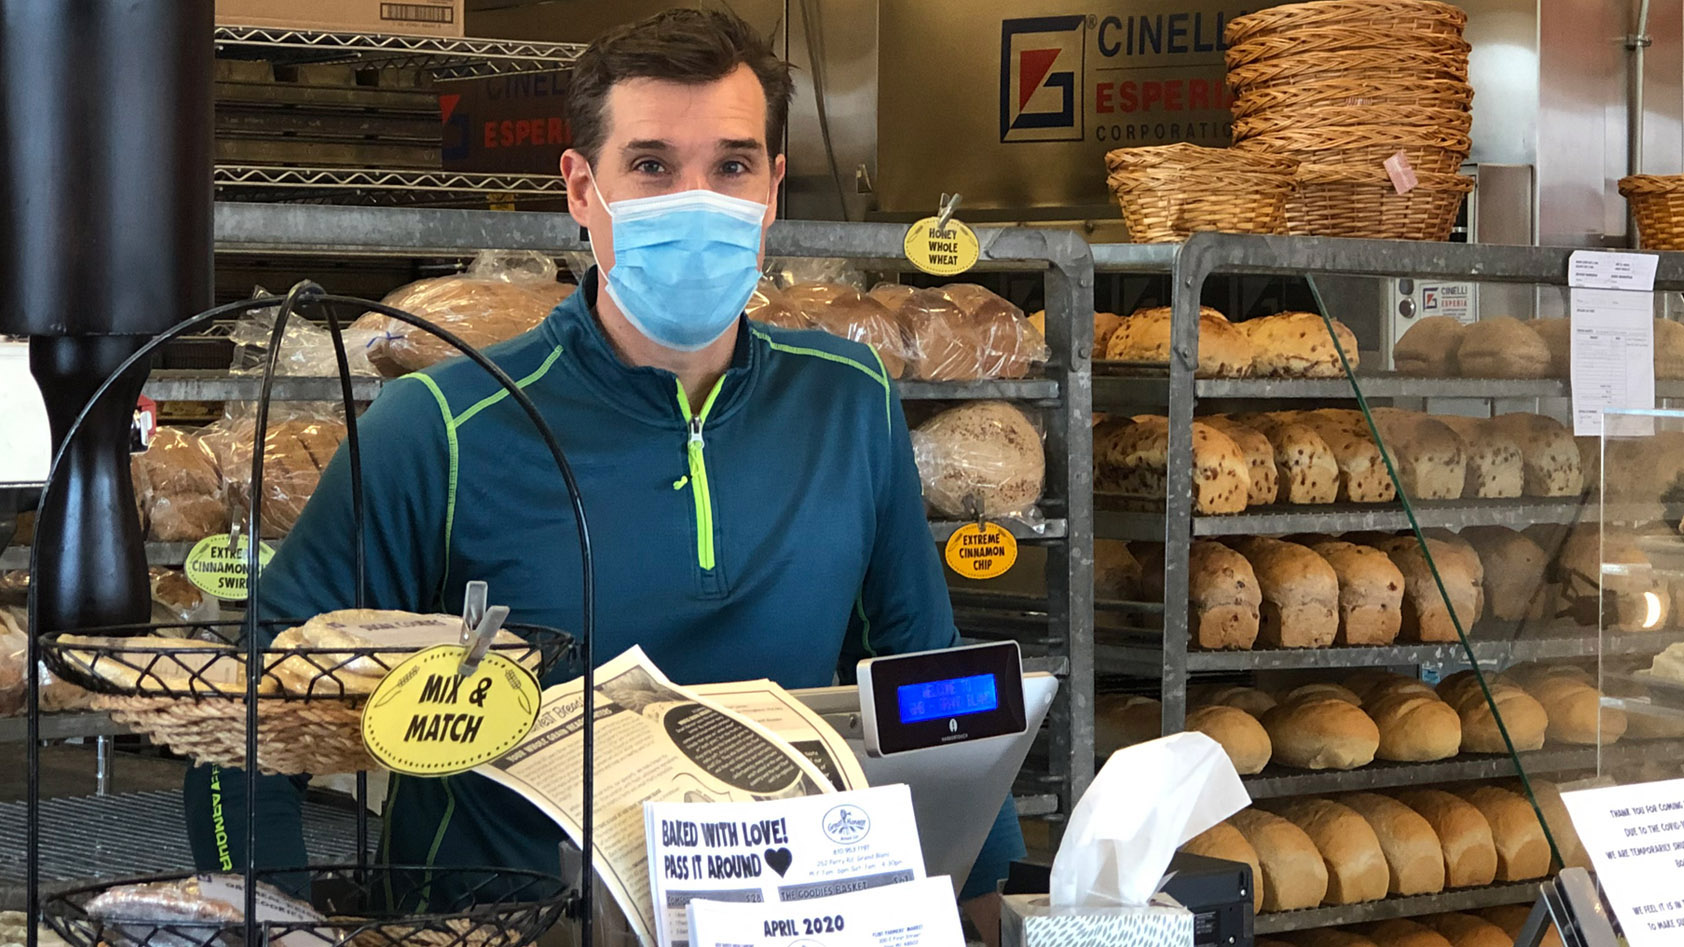 Scott Sassack, owner of Great Harvest Bread Co